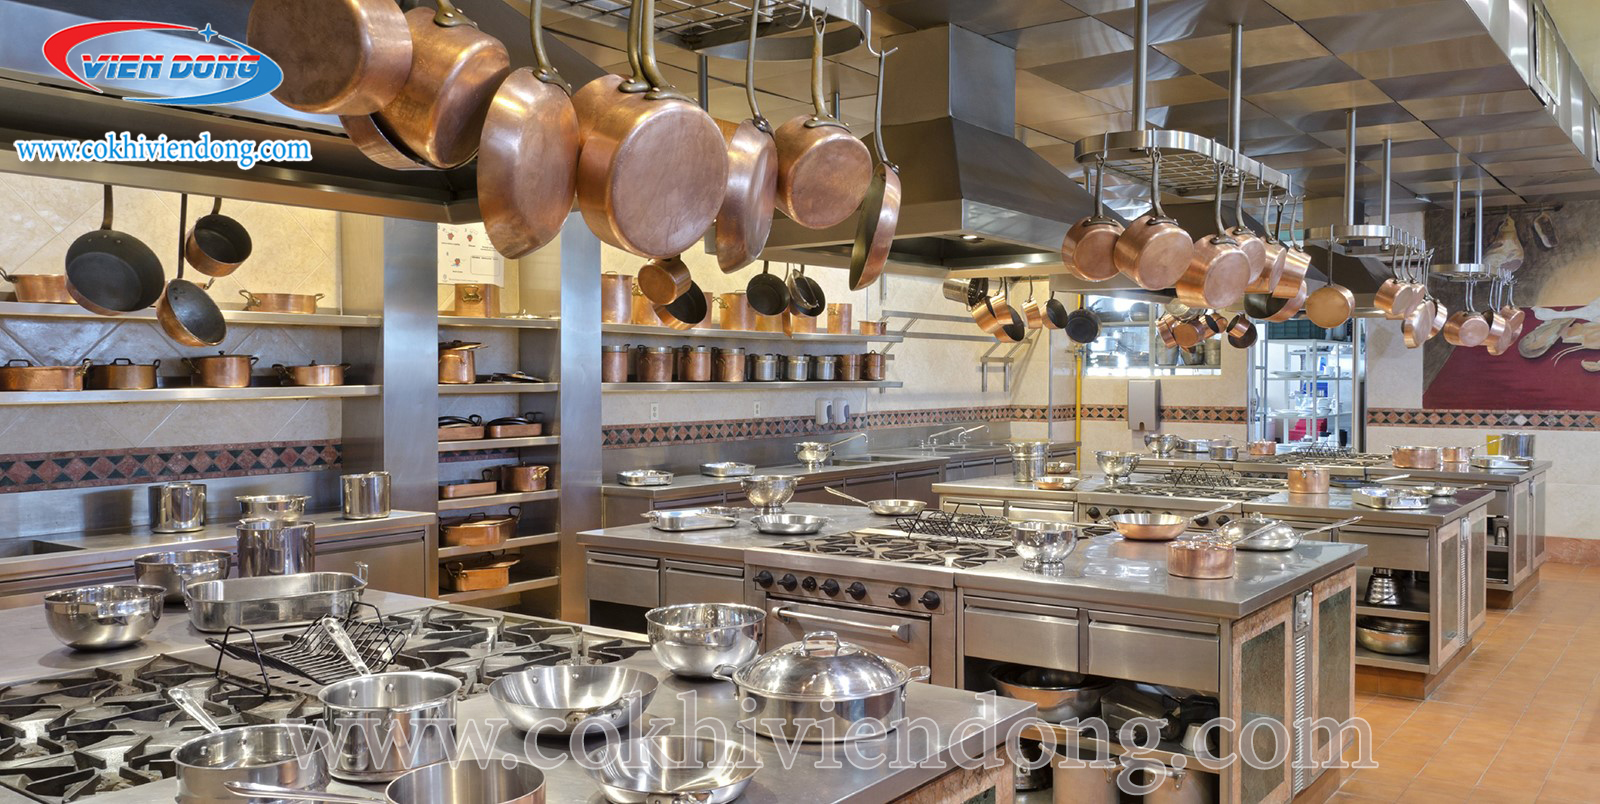 Bếp âu là gì? - Thiết bị bếp Âu công nghiệp Viễn Đông